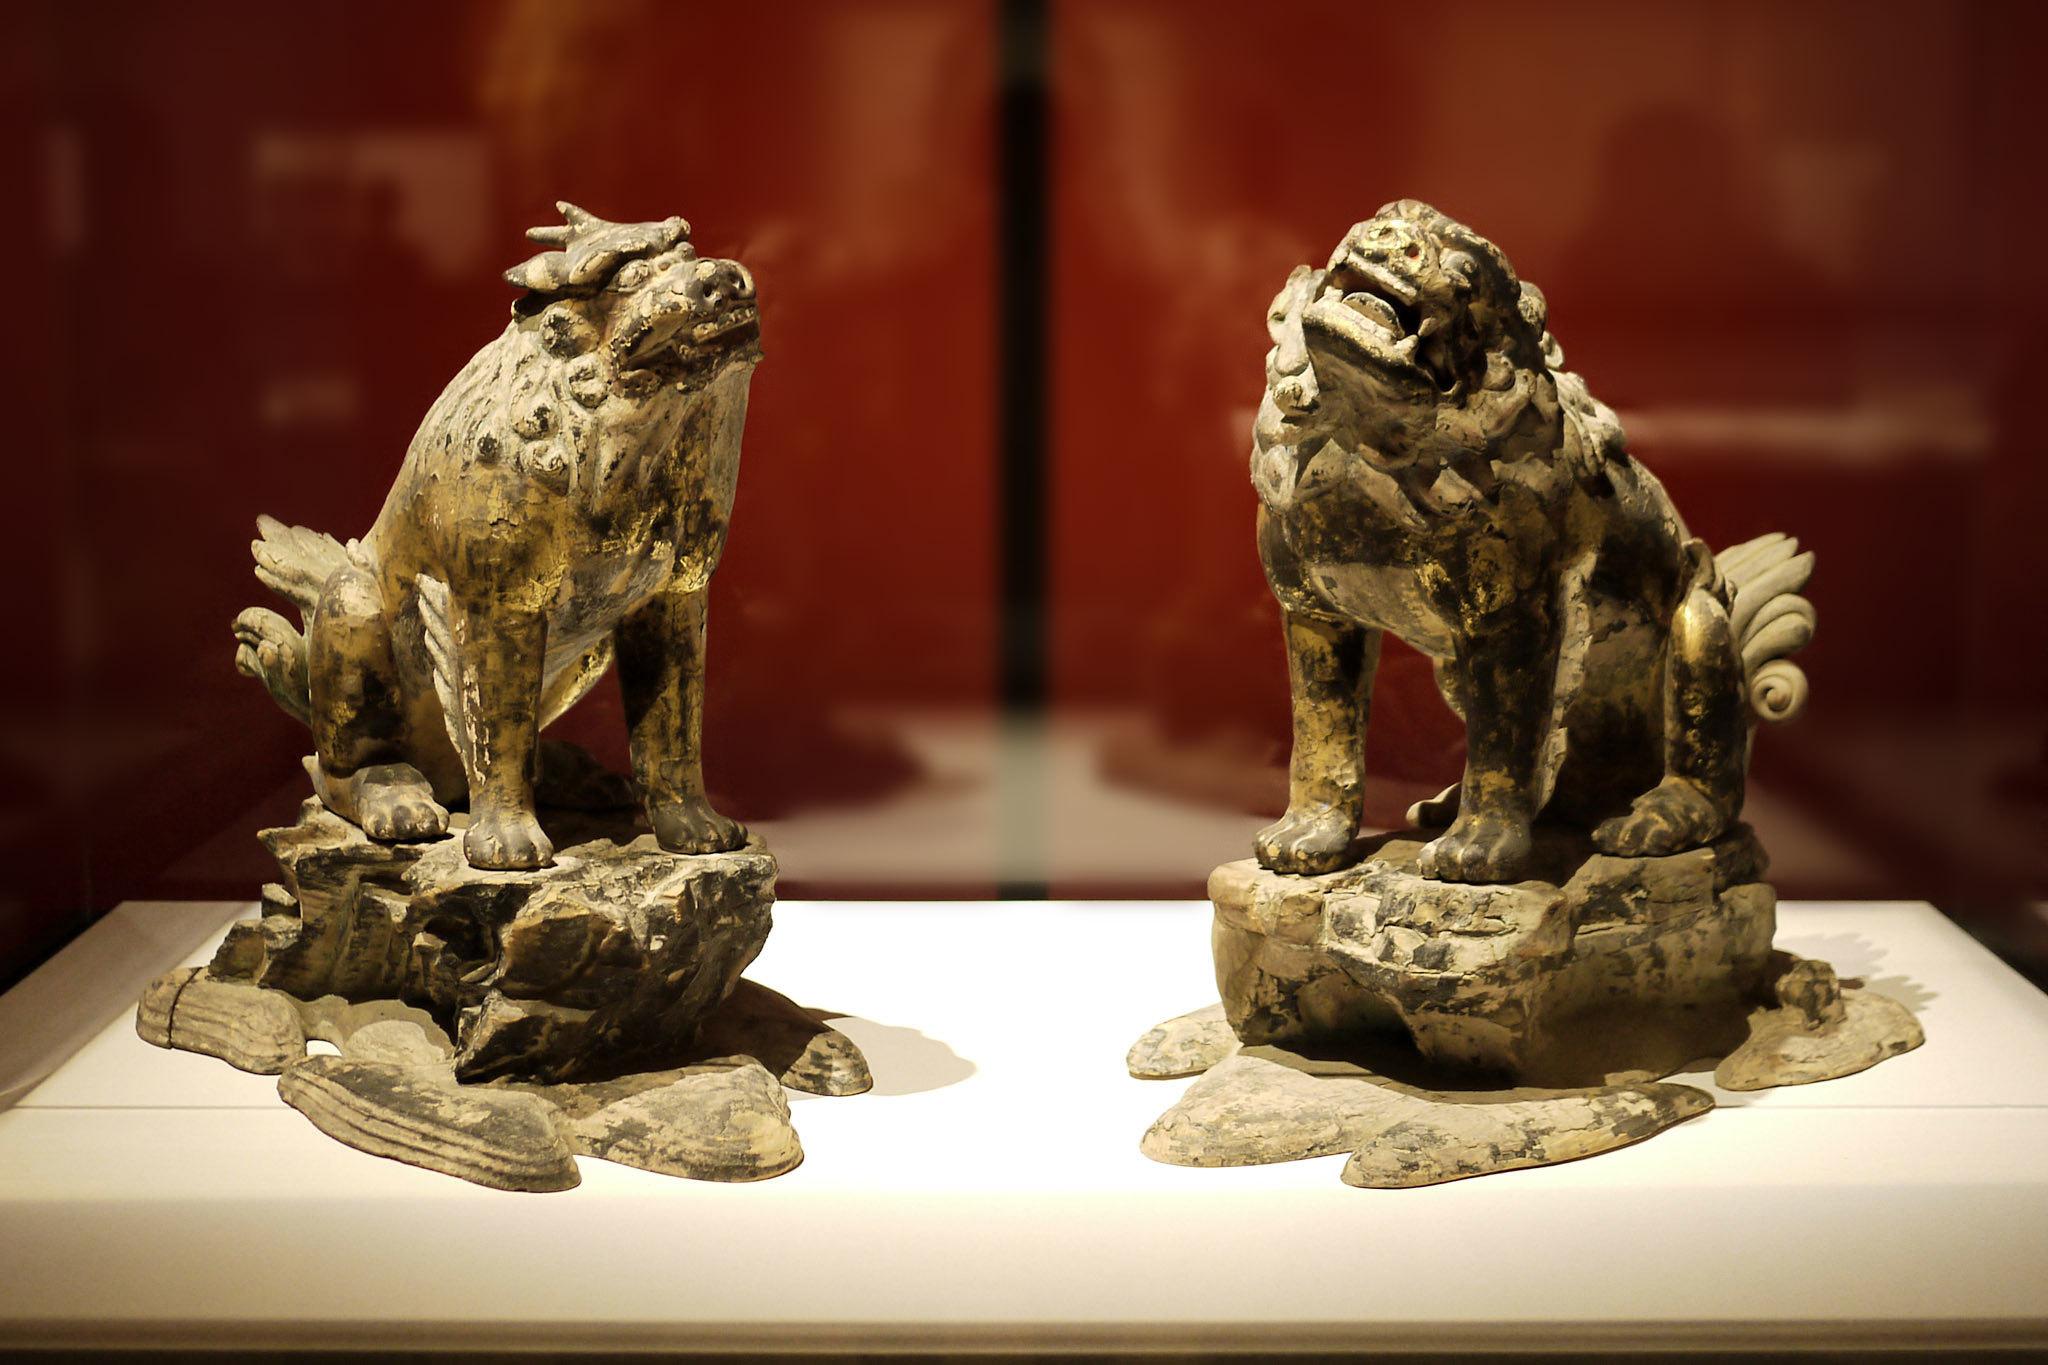 獅子・狛犬(第二殿)│鎌倉時代 13世紀 春日大社